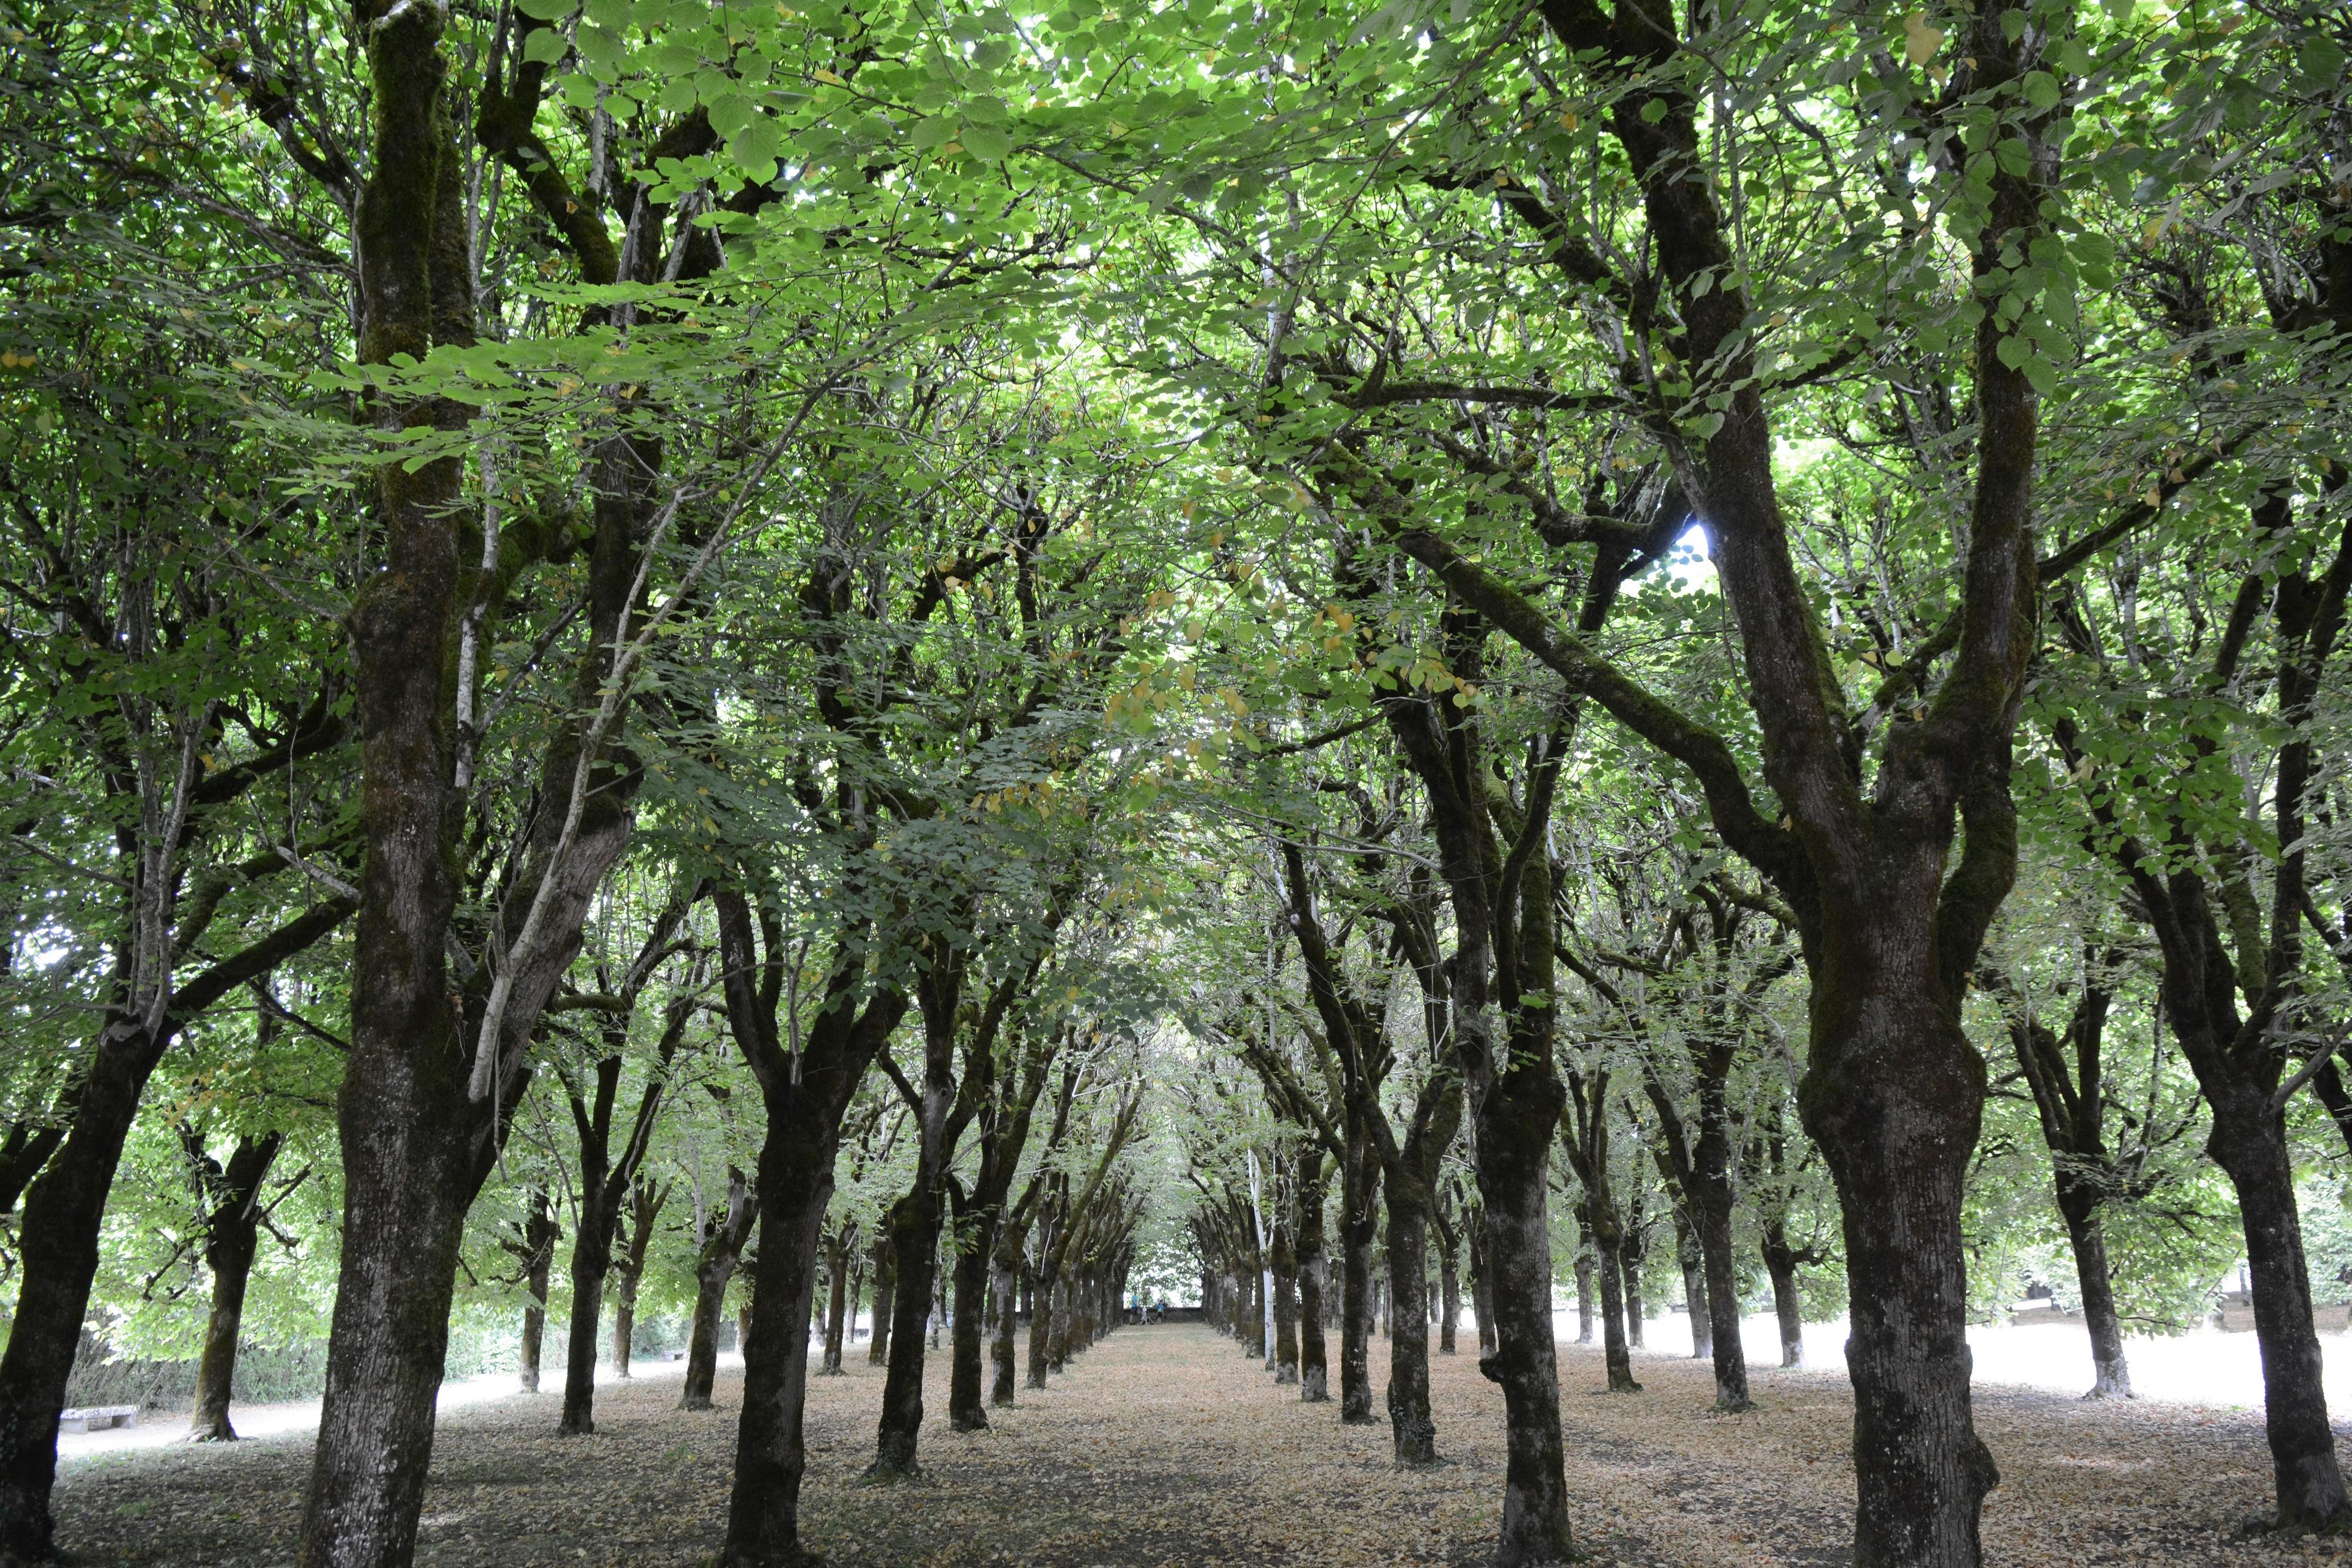 Son parc à la française possède 372 tilleuls taillés en portiques et des buis en boule